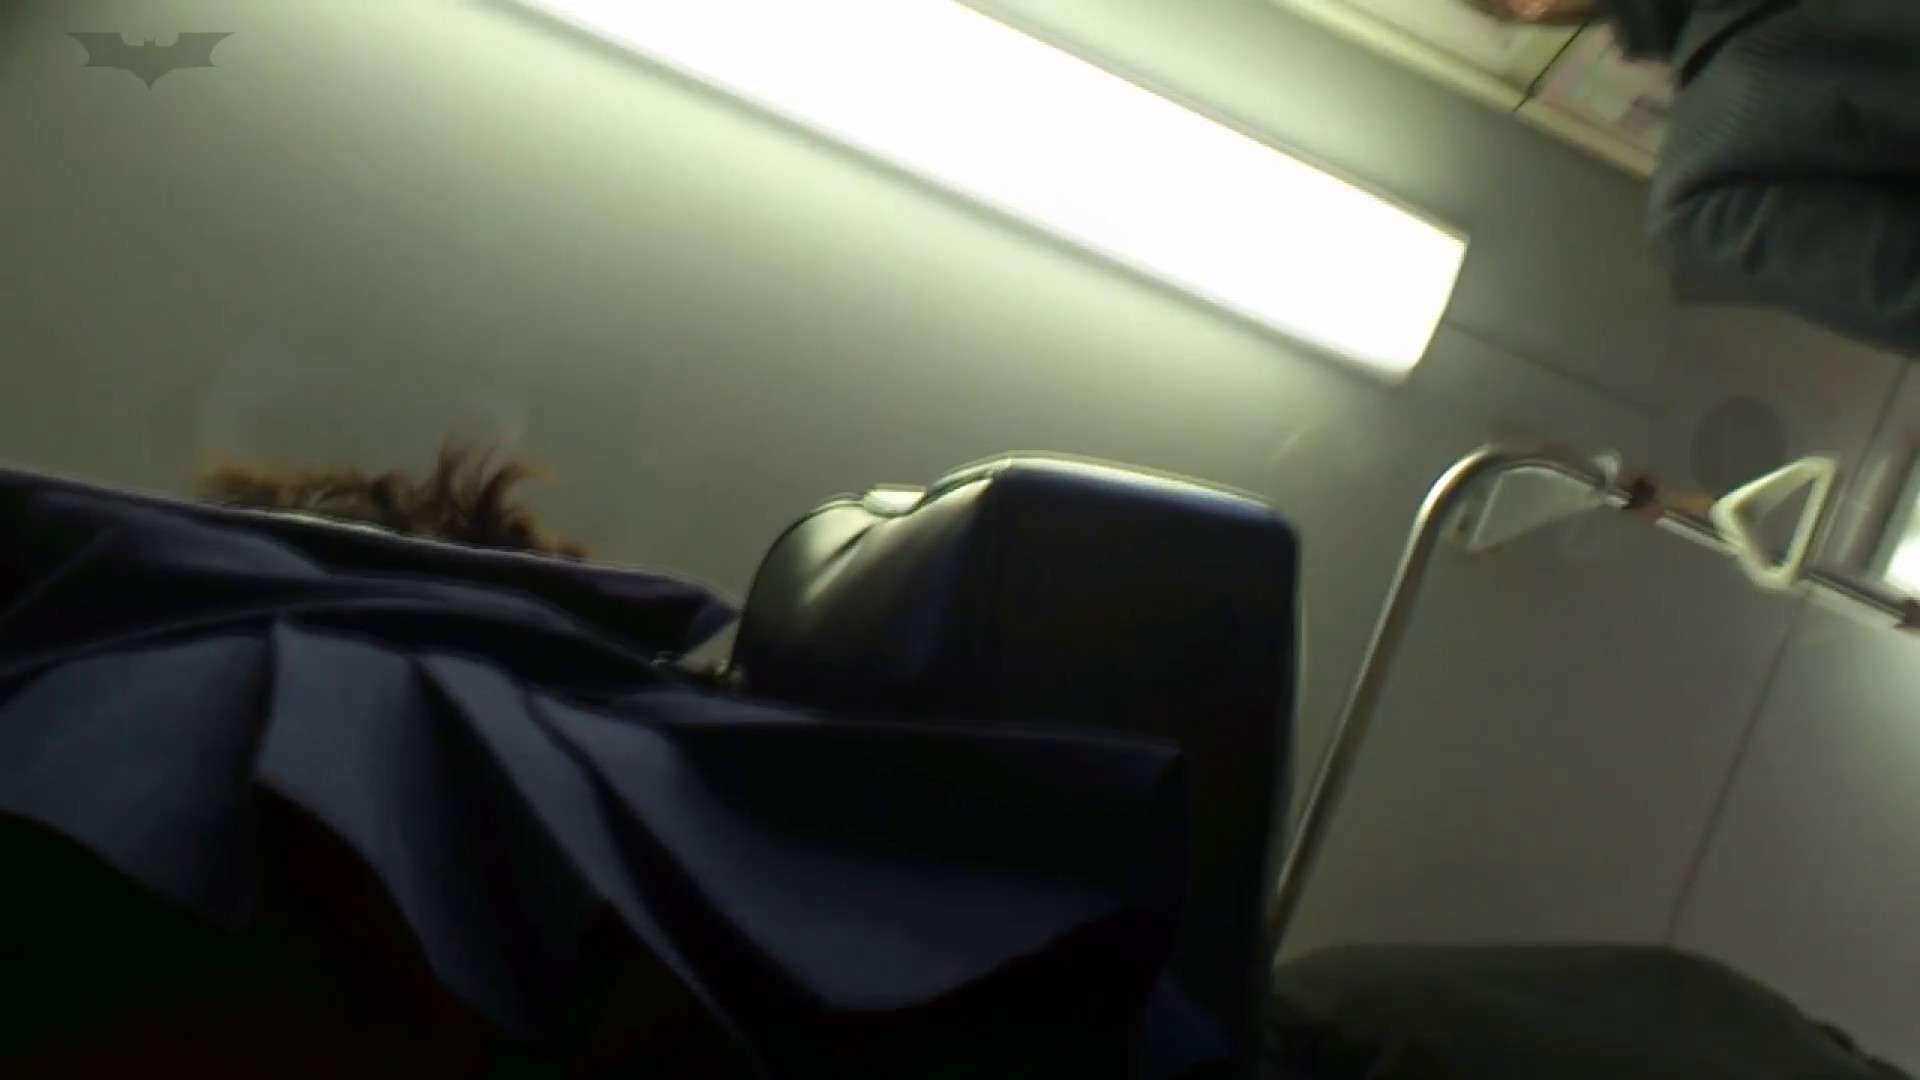 盗撮列車 Vol.50 制月反姿の妄想 むっちりガール オマンコ無修正動画無料 105枚 57